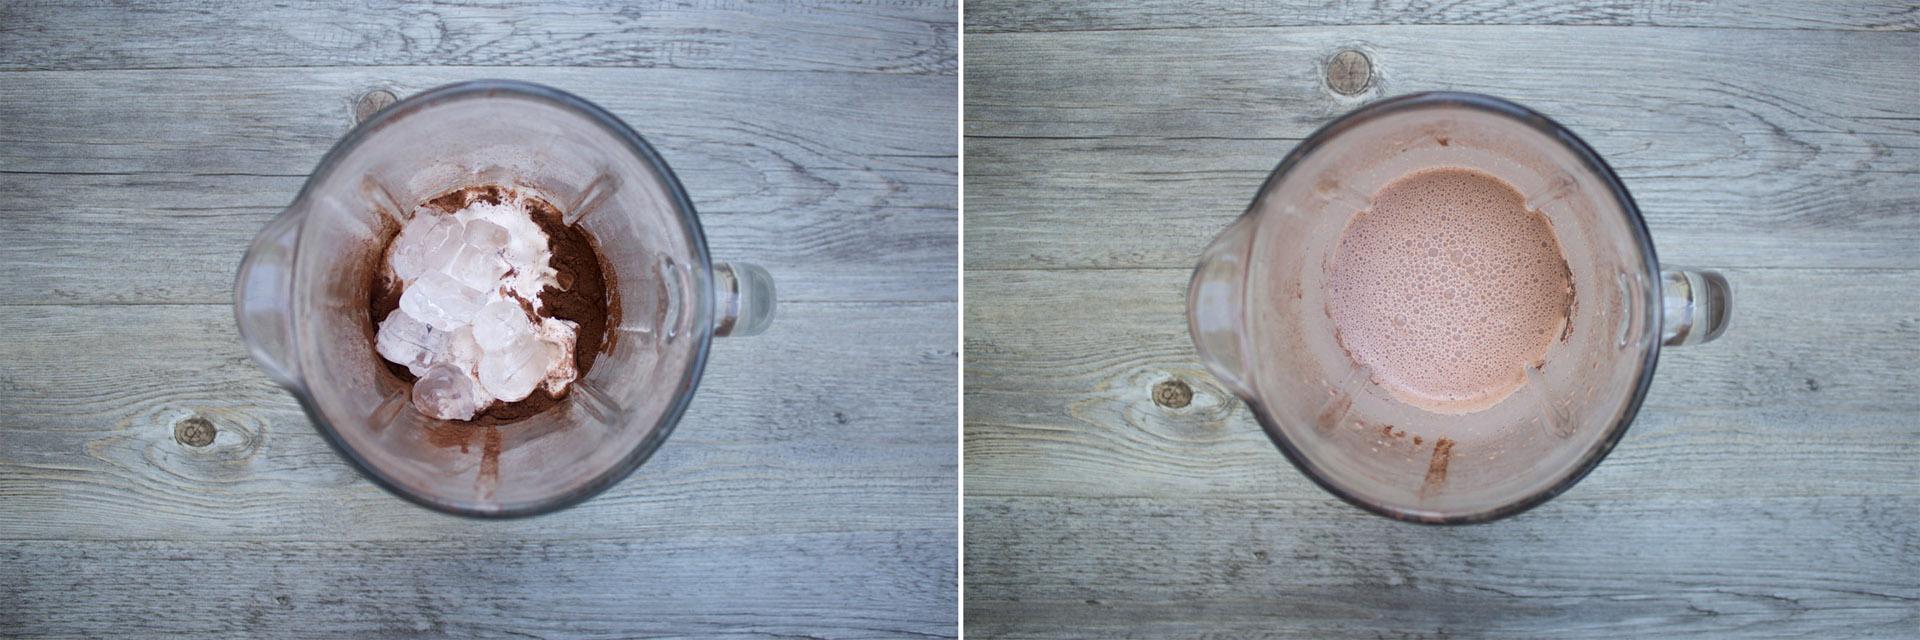 milkshake cioccolato nocciola preparazione